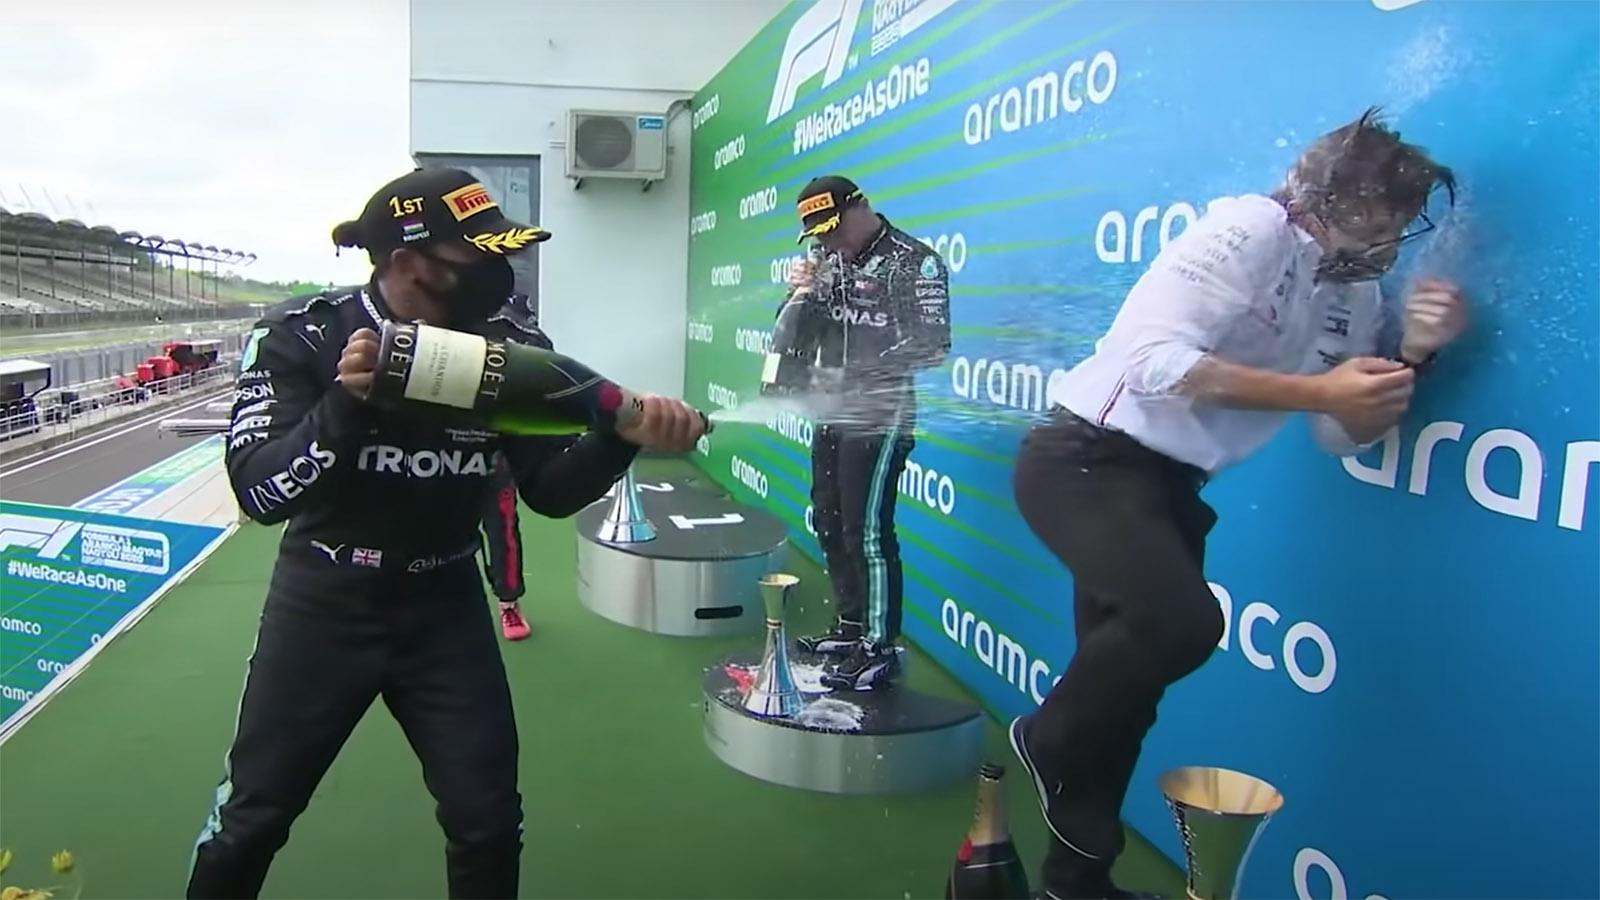 F1 Hungarian GP Celebrations